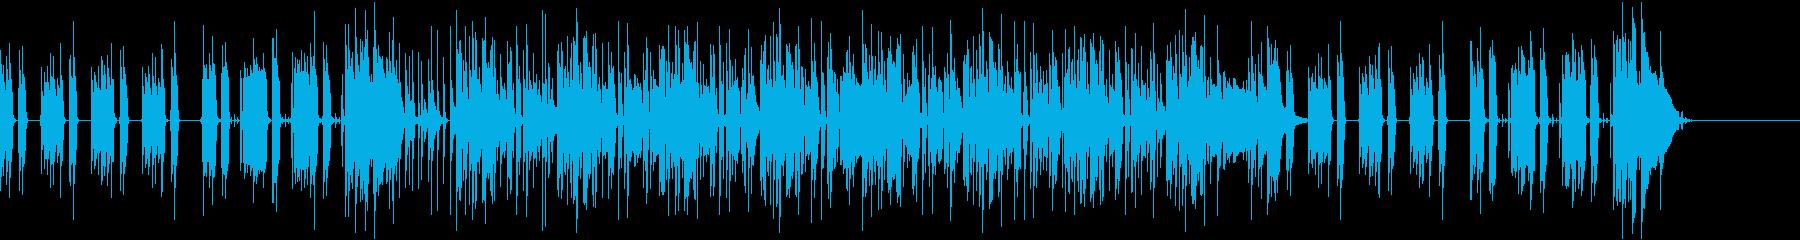 ほのぼの・コミカル・劇伴・ファンクの再生済みの波形